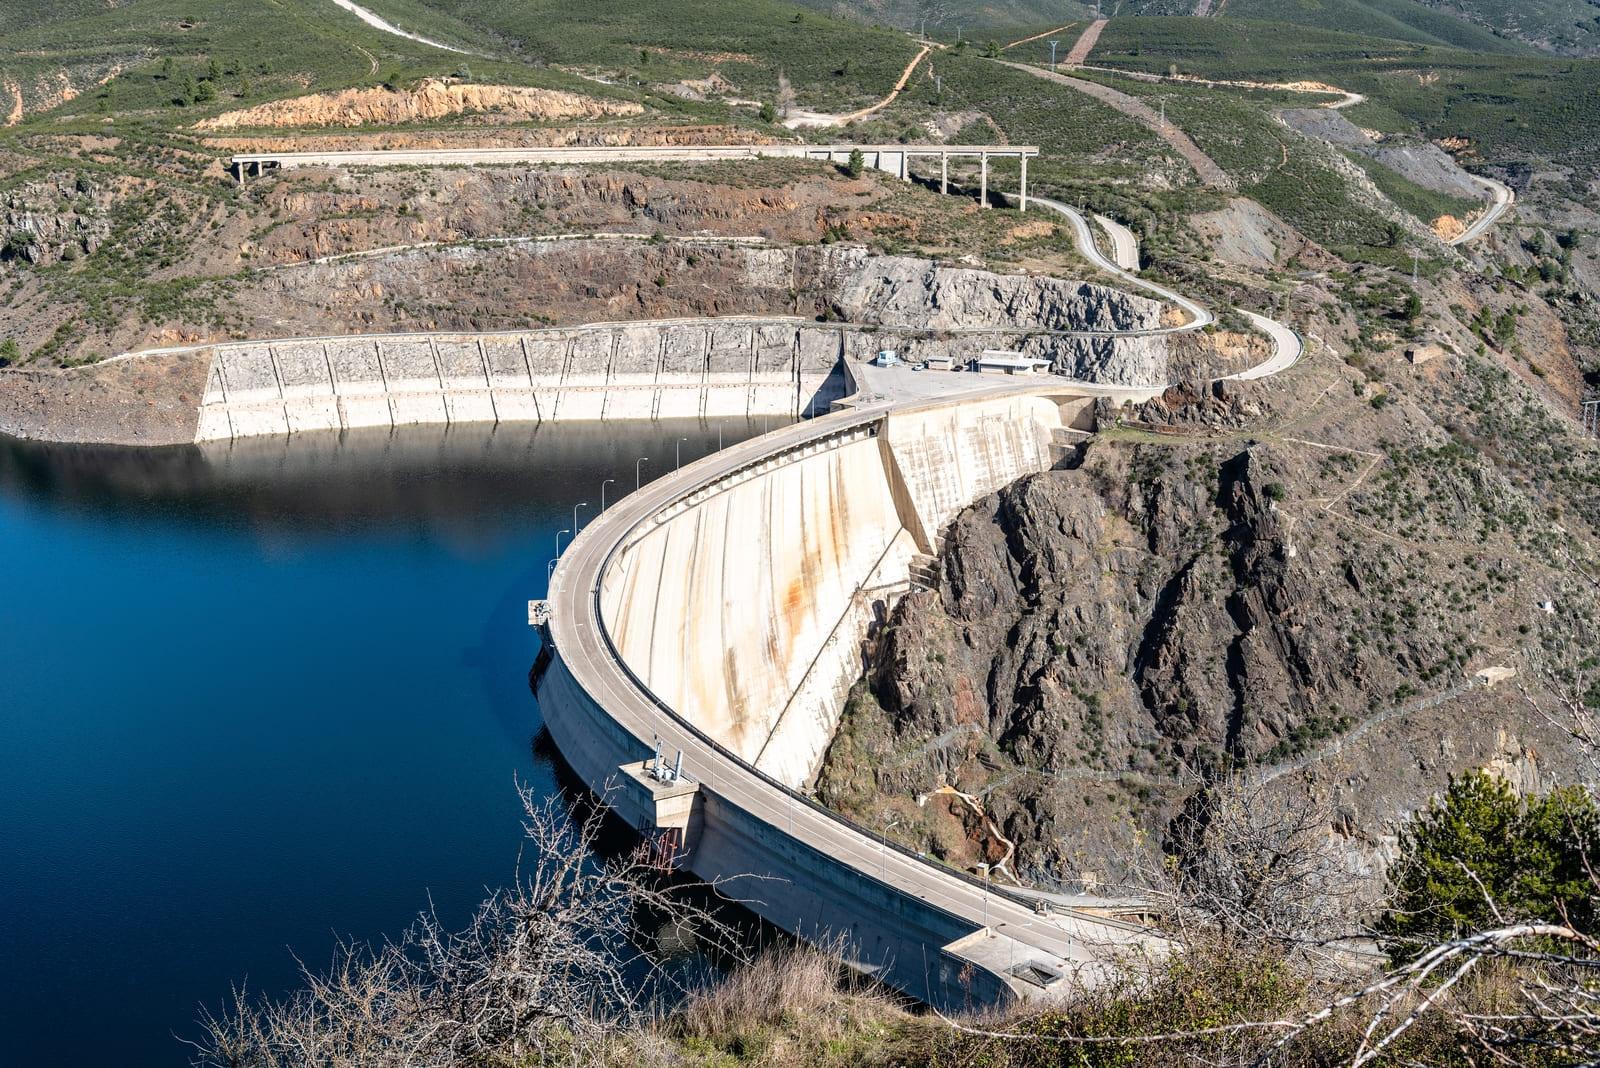 Ventajas y desventajas de energía hidráulica